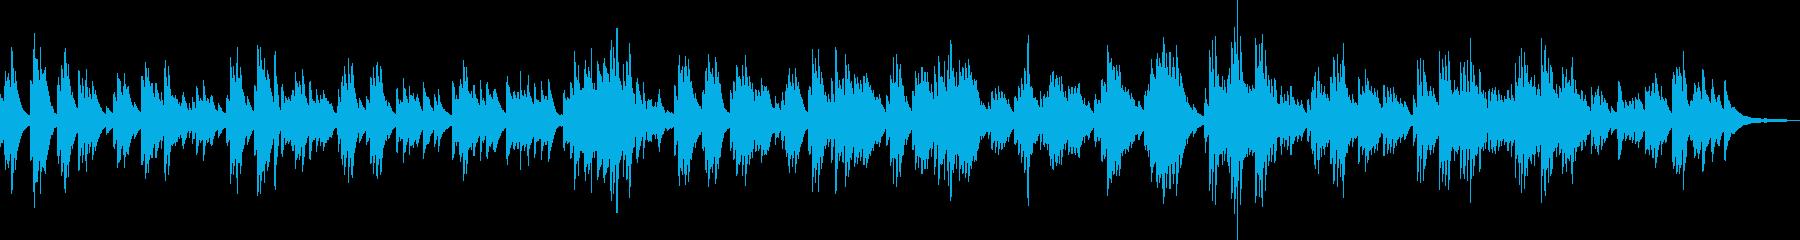 別れ(ピアノソロ・悲しい・BGM)の再生済みの波形